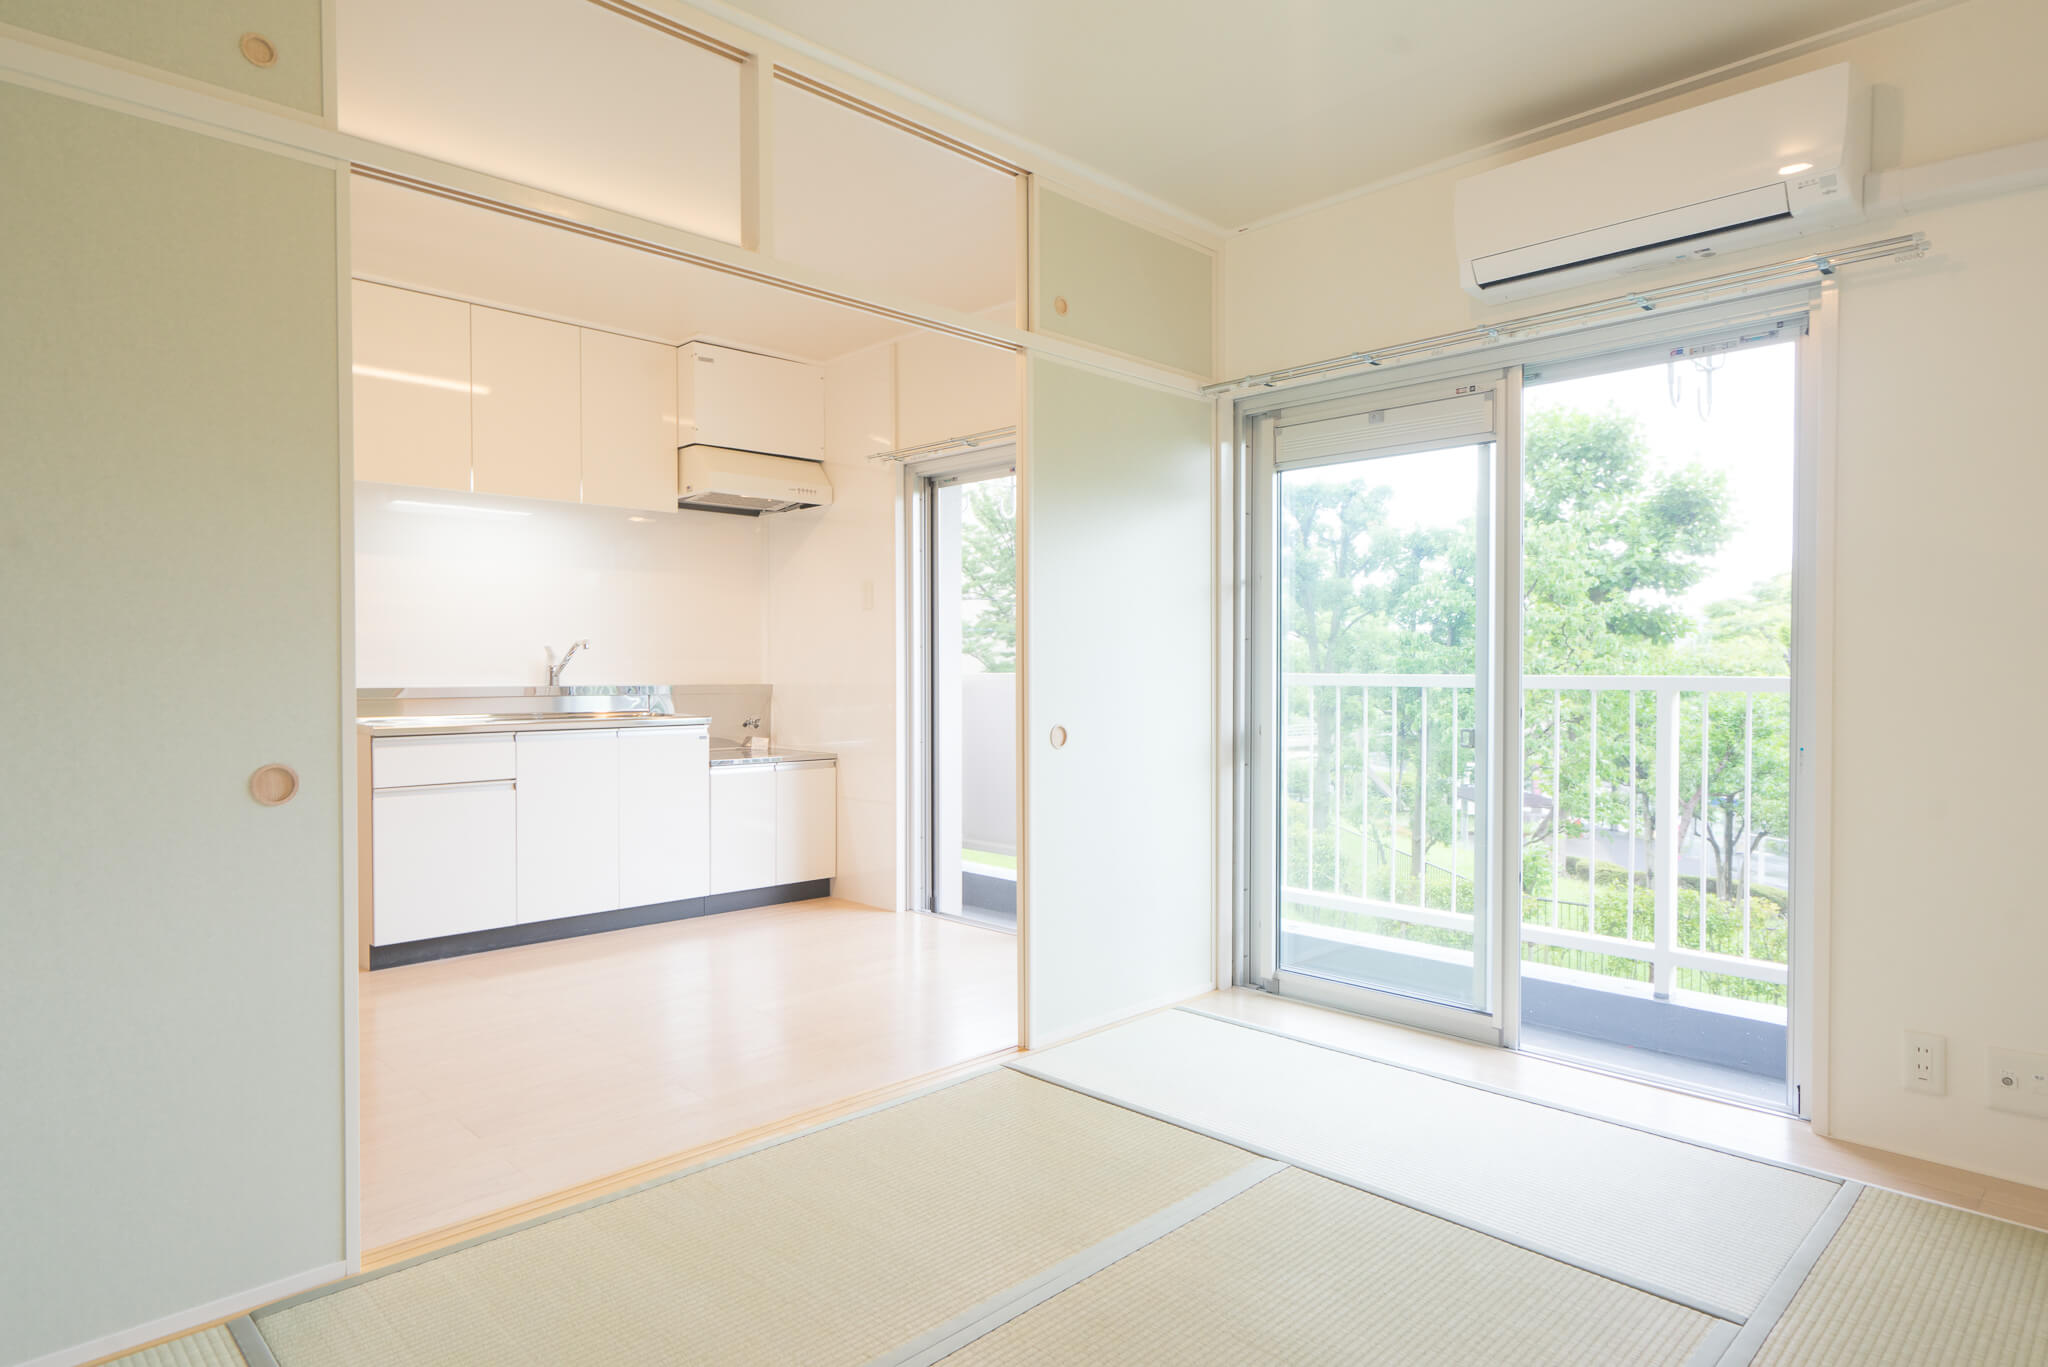 こちらは、NAGOMIタイプ(2-17号棟/43㎡)。畳やフローリングの色が違い、ちょっと和テイストのお部屋。